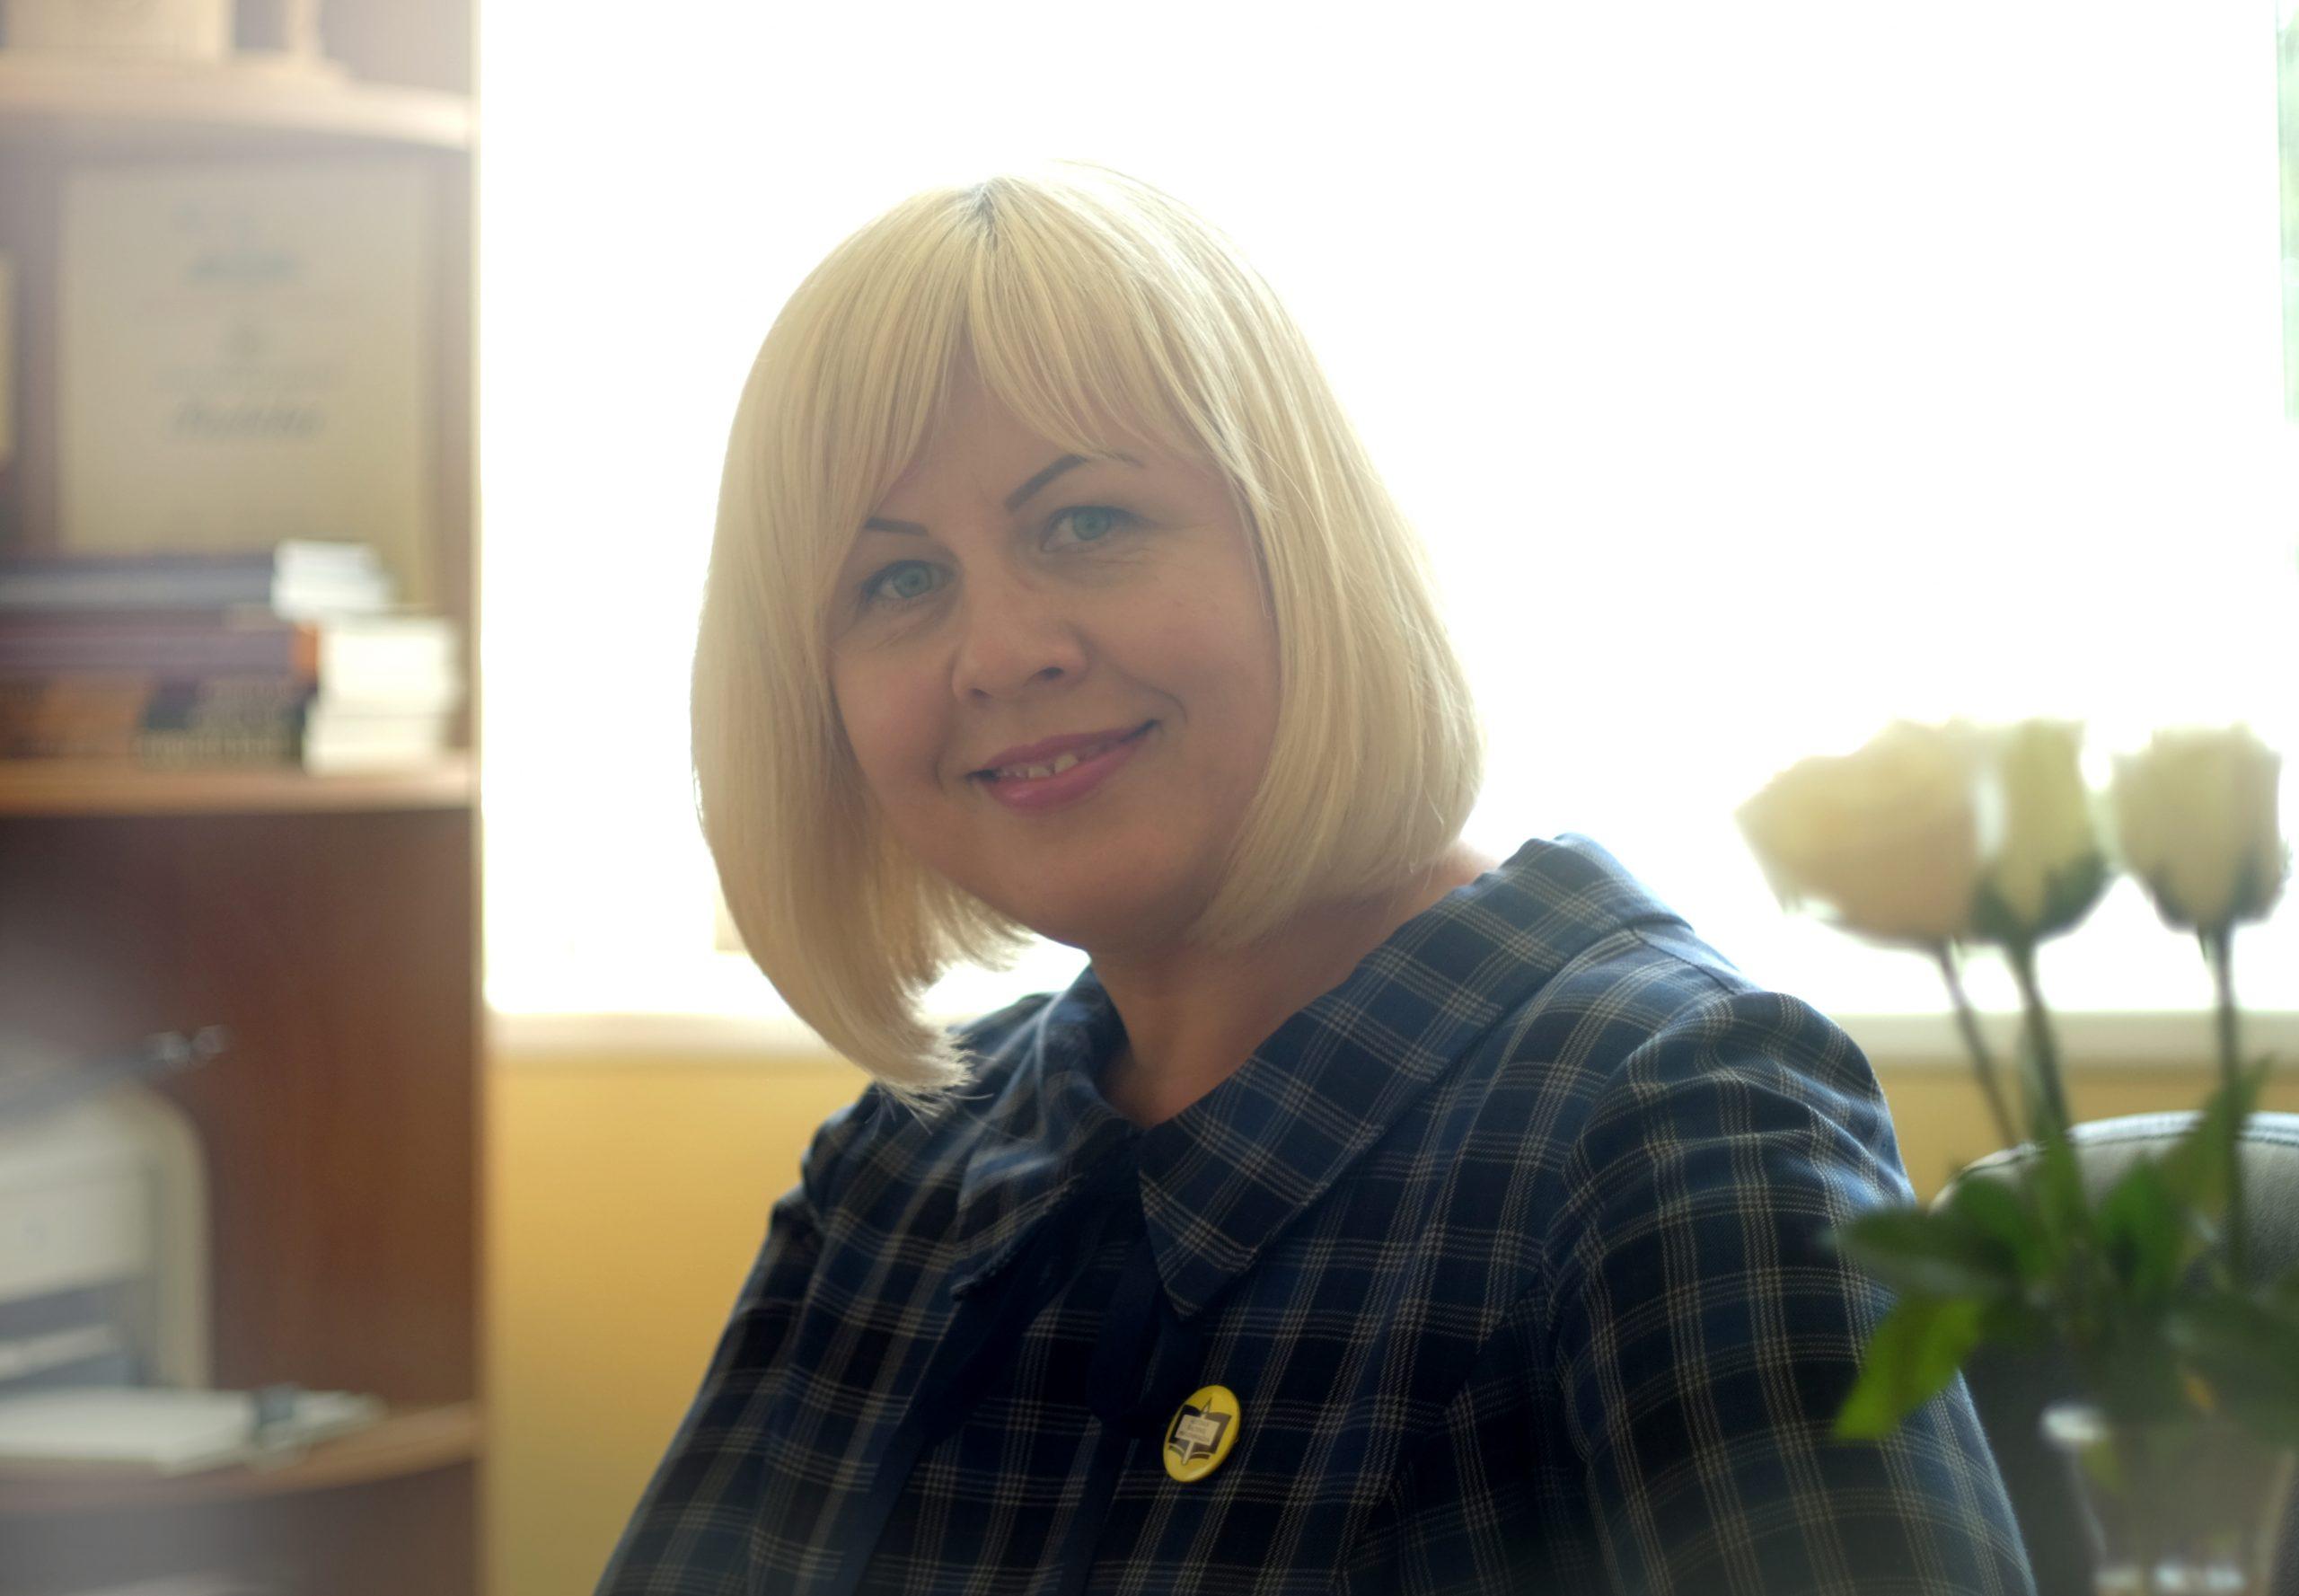 Gintarė Rakauskienė